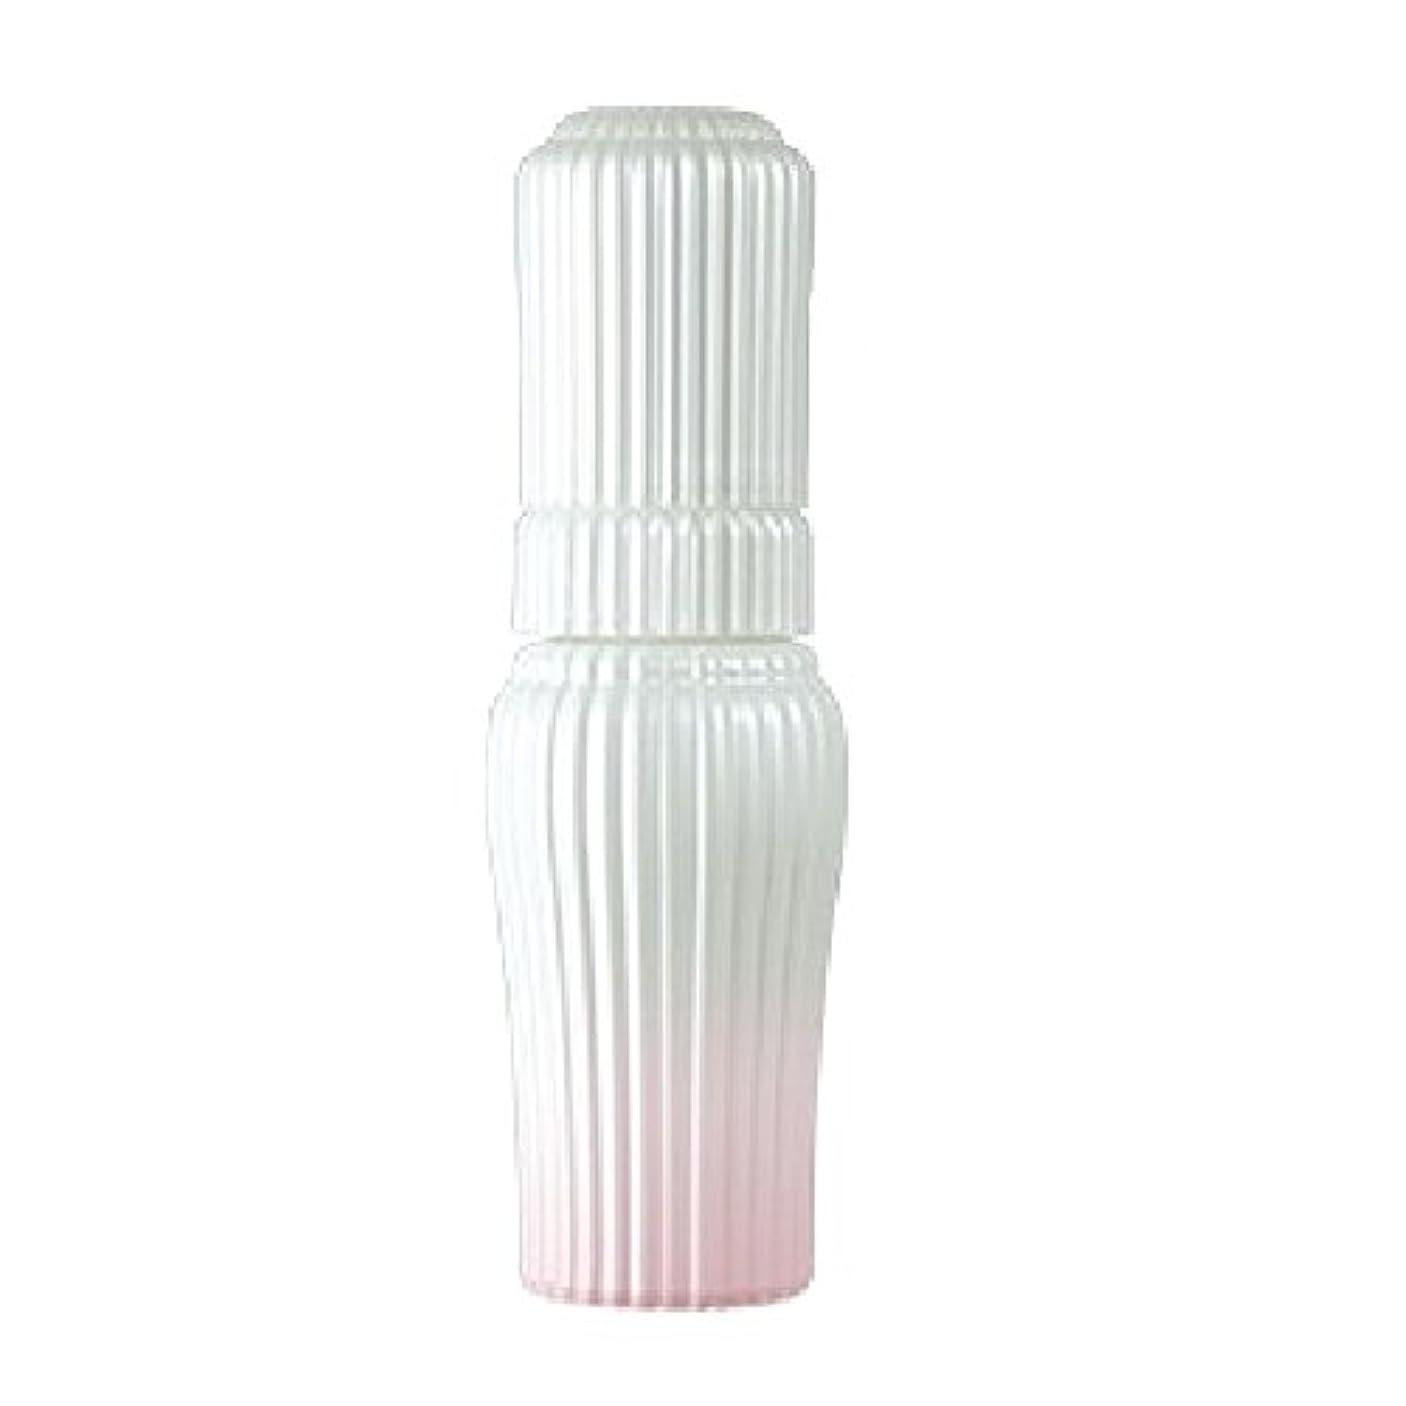 気難しいミキサーあそこアユーラ (AYURA) fサインディフェンス ホワイトニングセラム(医薬部外品) 40mL 〈敏感肌用 美白 美容液〉 薬用美白液